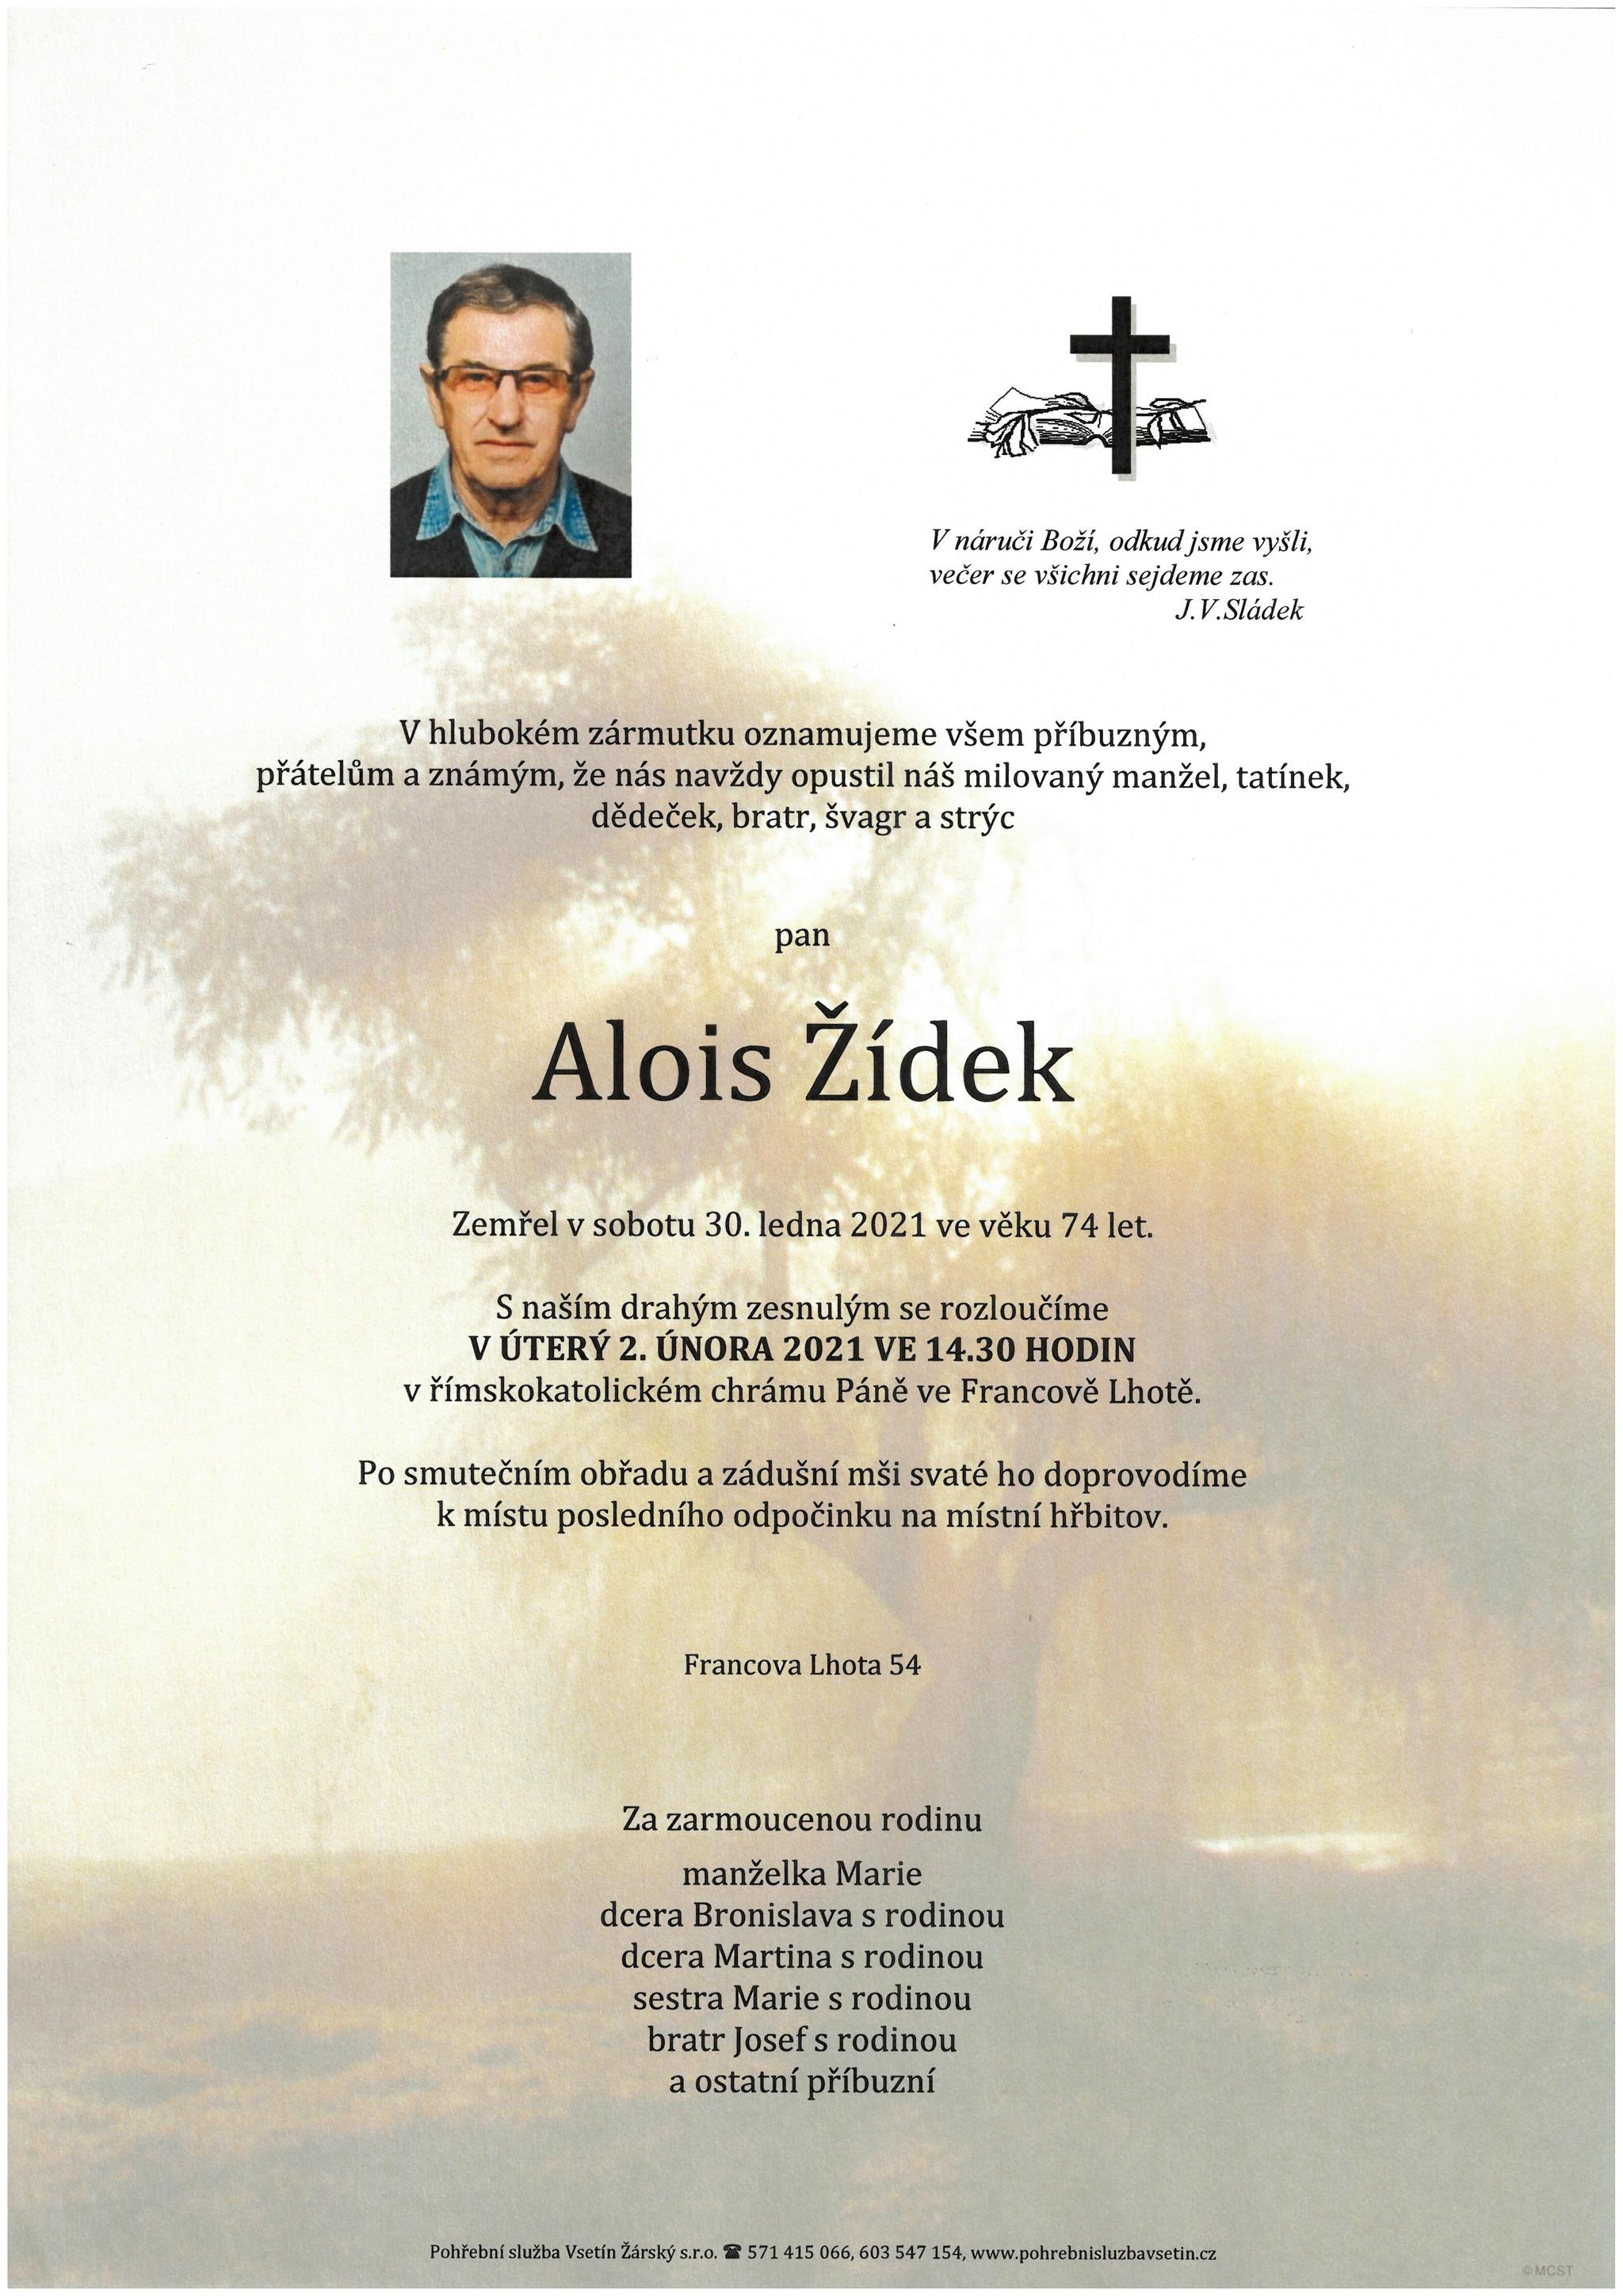 Alois Žídek